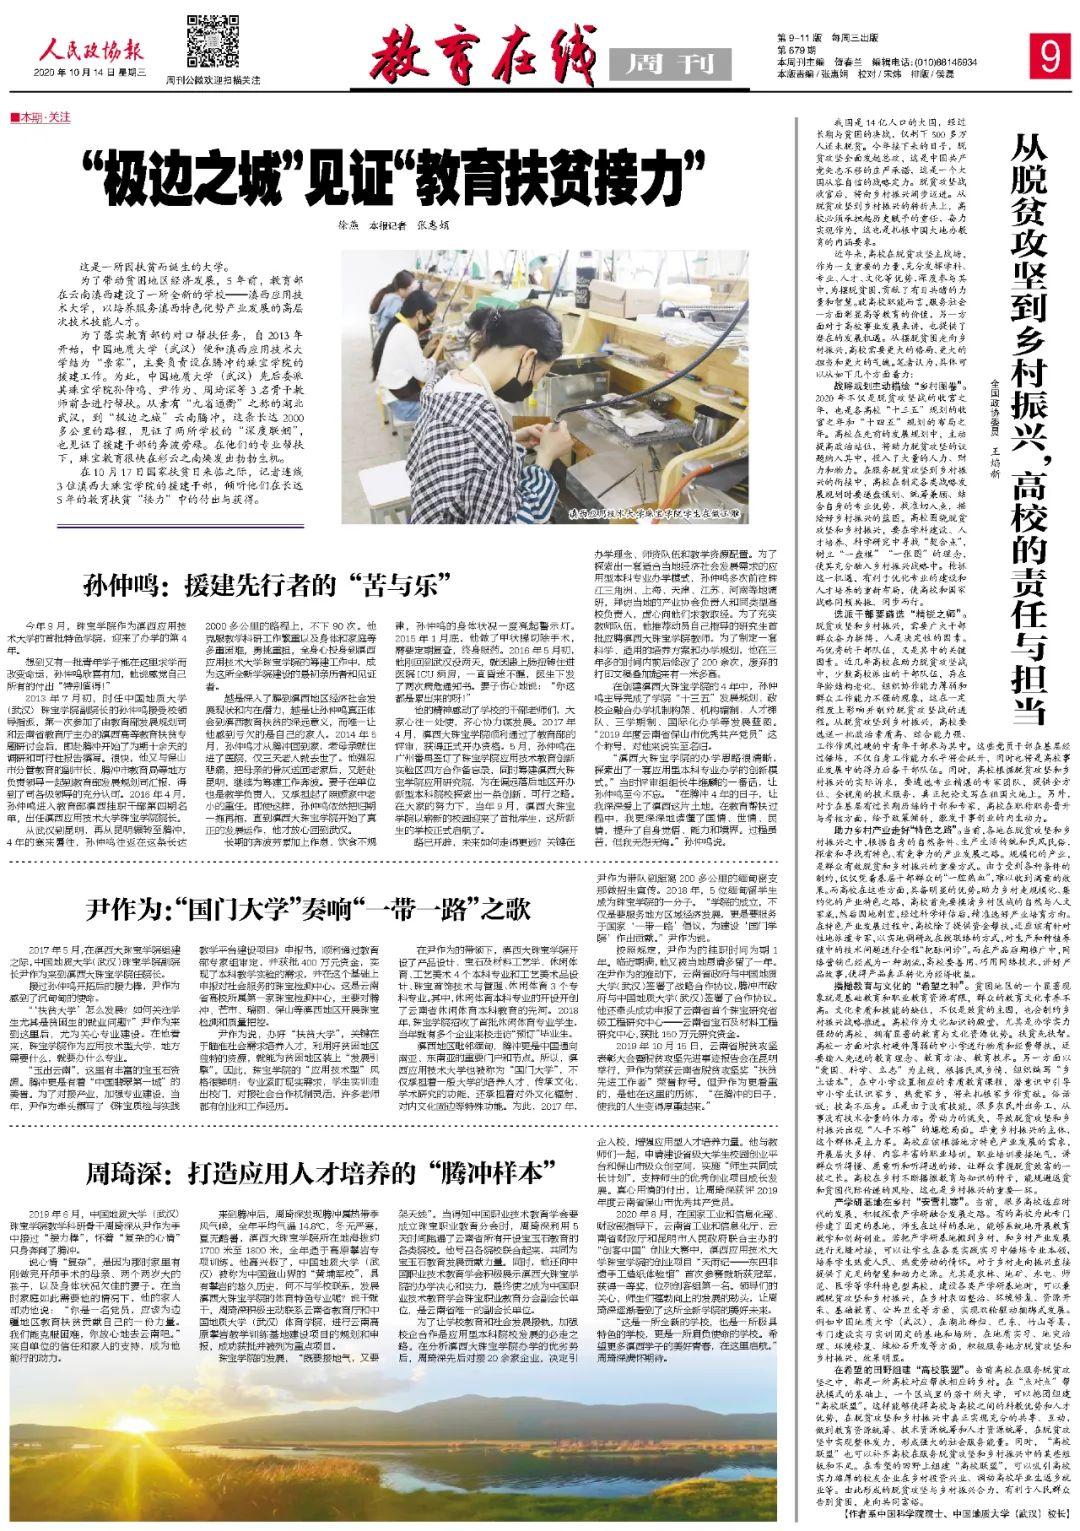 国家扶贫日 | 央媒整版报道脱贫攻坚的地大风采图片